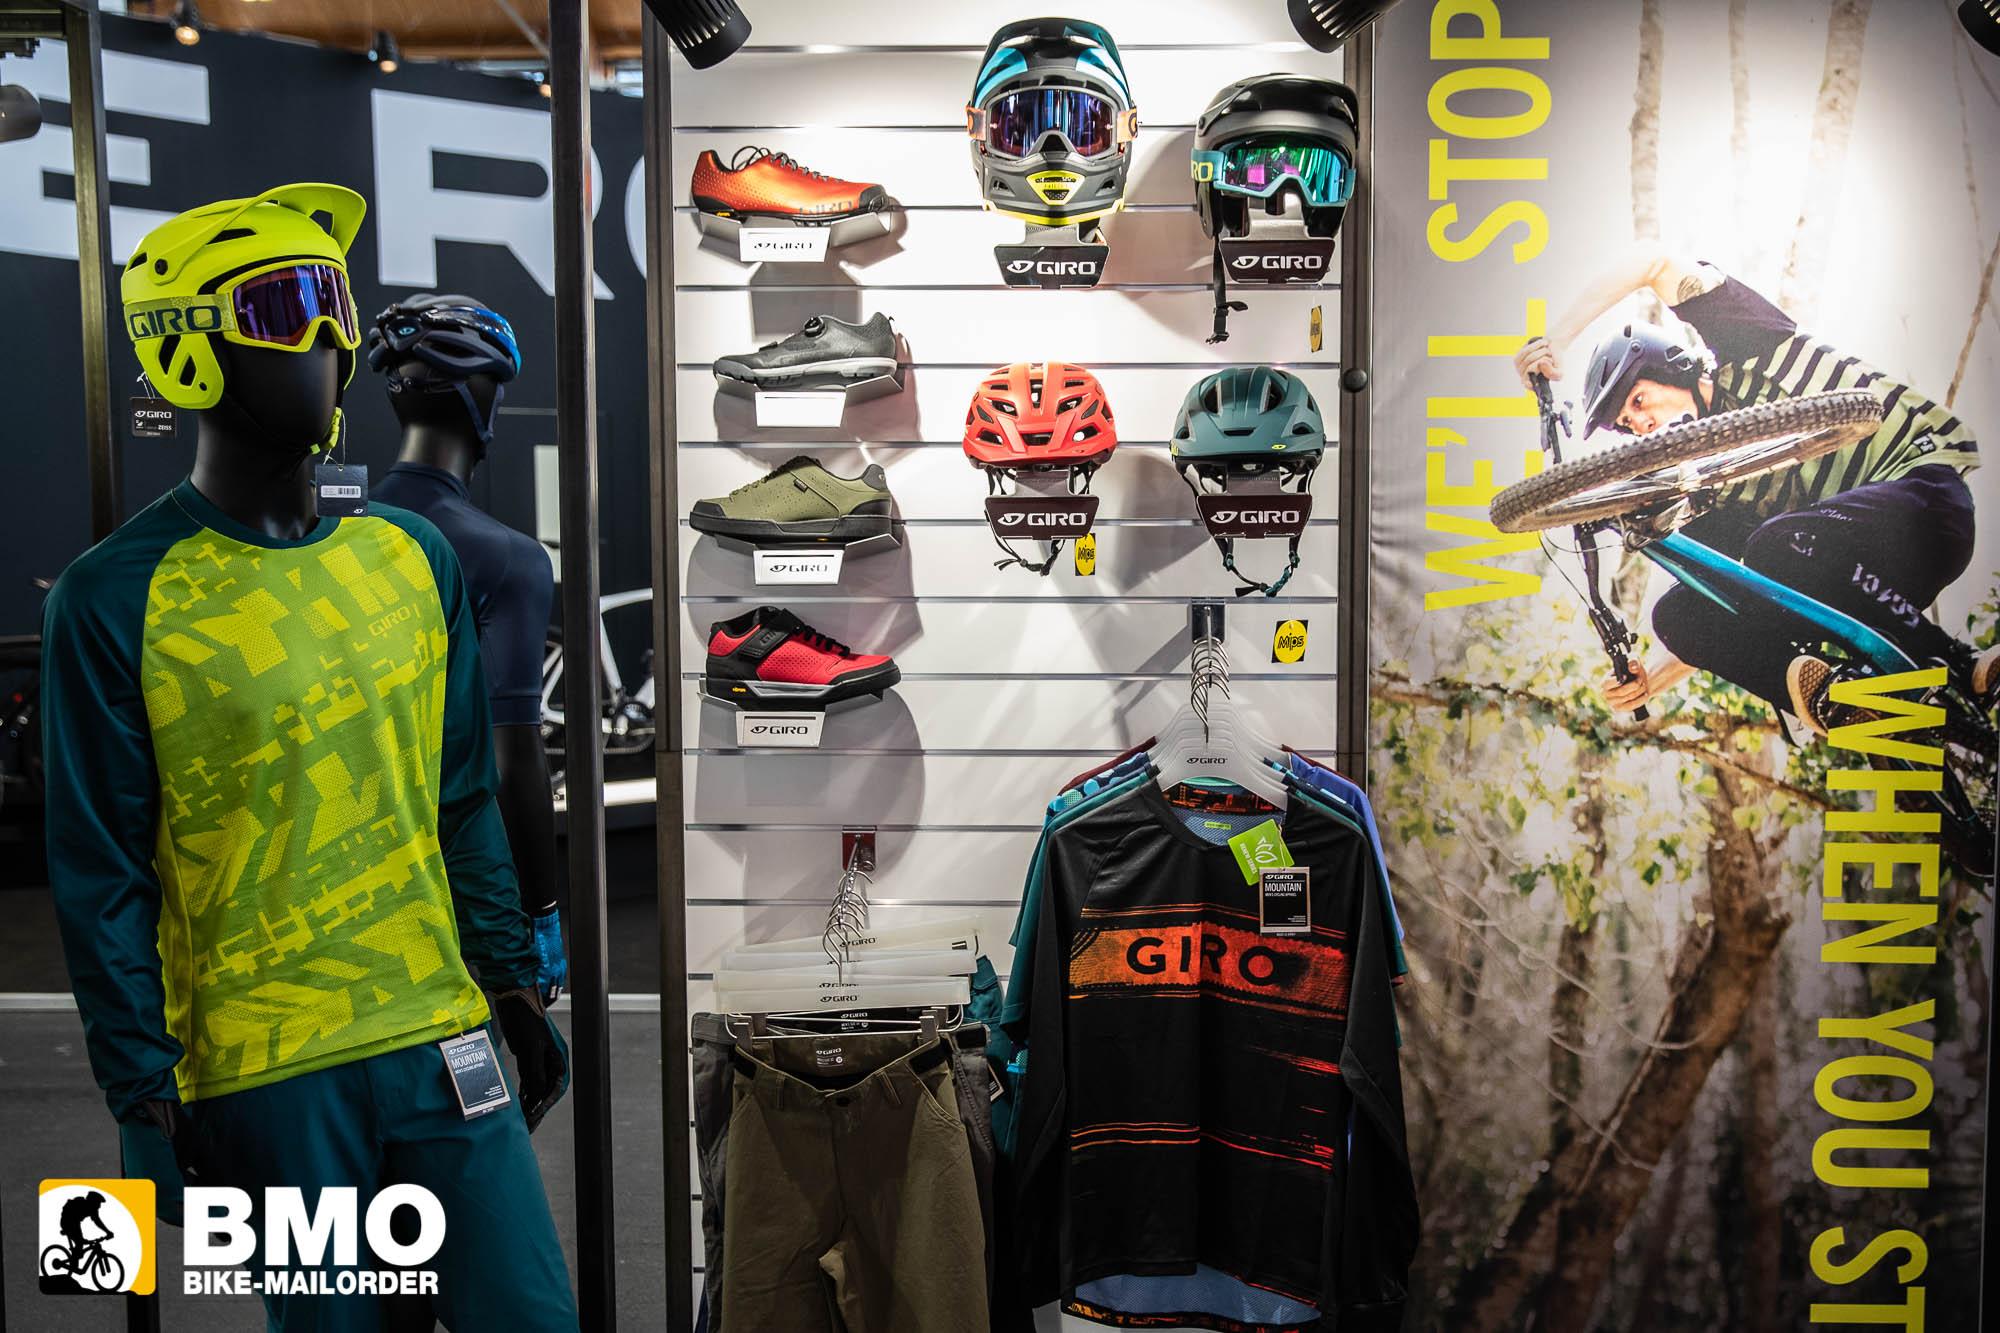 Bike-Mailorder_eurobike-2019-16